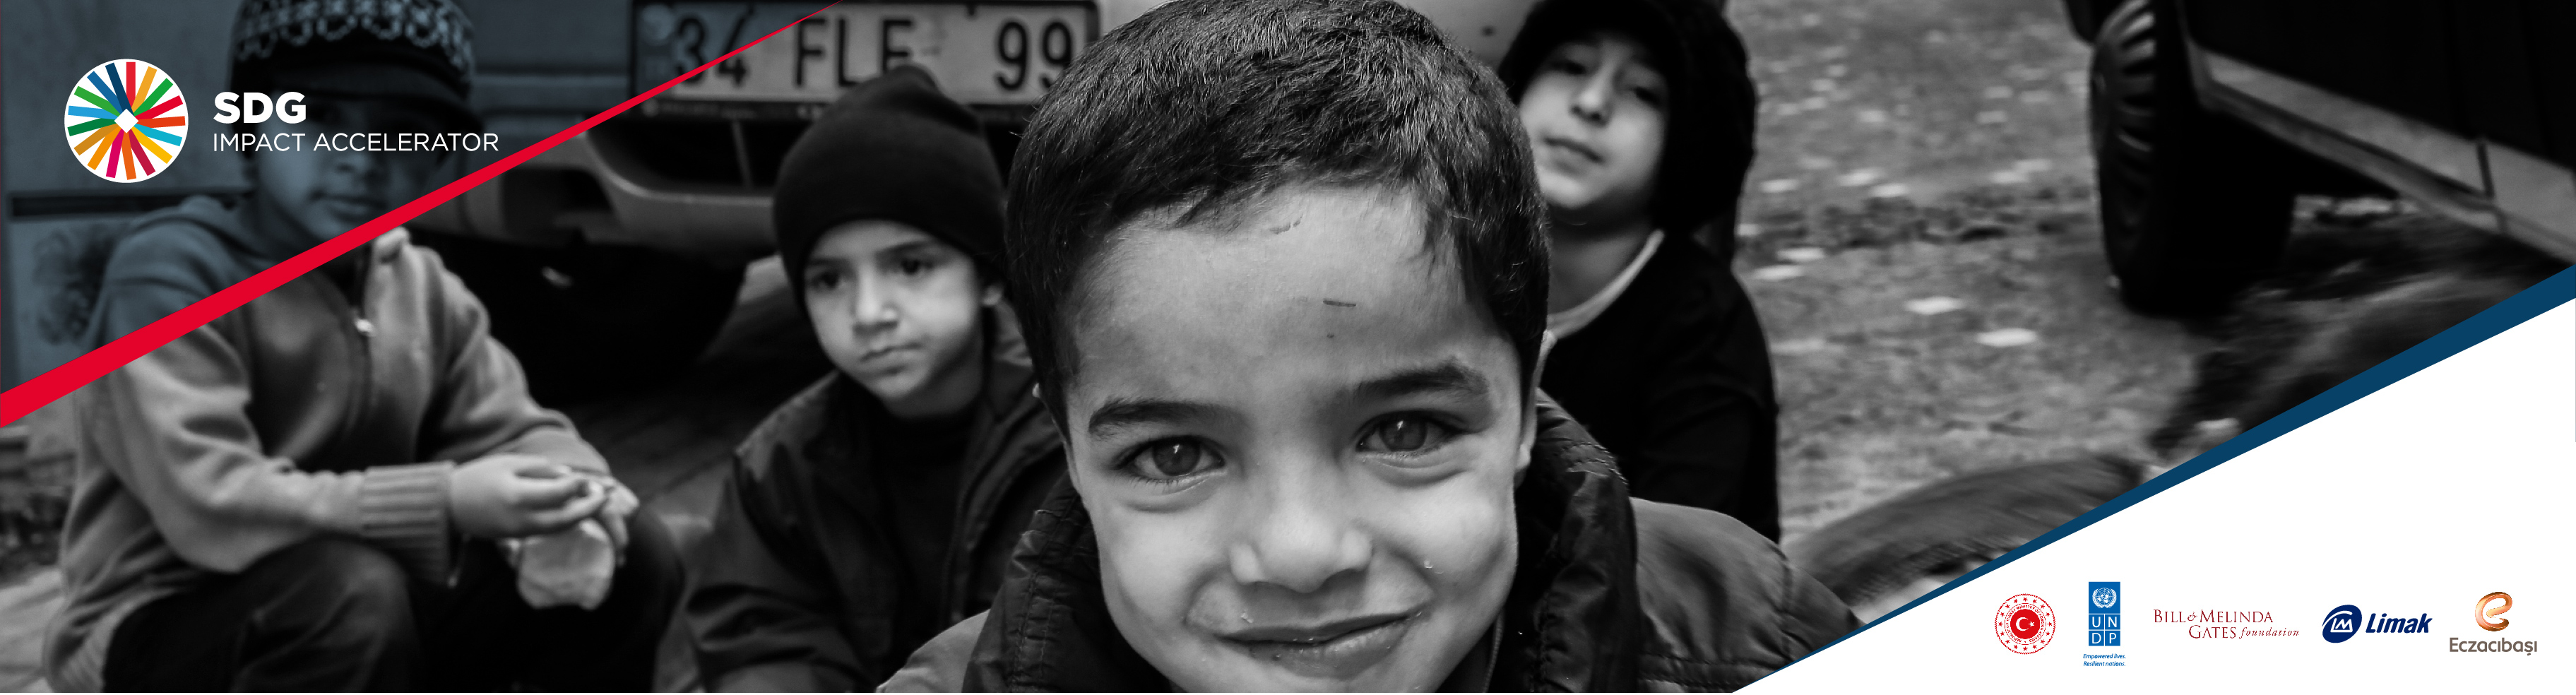 """Milyonlarca kişinin yaşamını iyileştirmeyi hedefleyen Türkiye'nin ilk uluslararası etki hızlandırma programı """"SKA Etki Hızlandırıcı"""" başlıyor"""